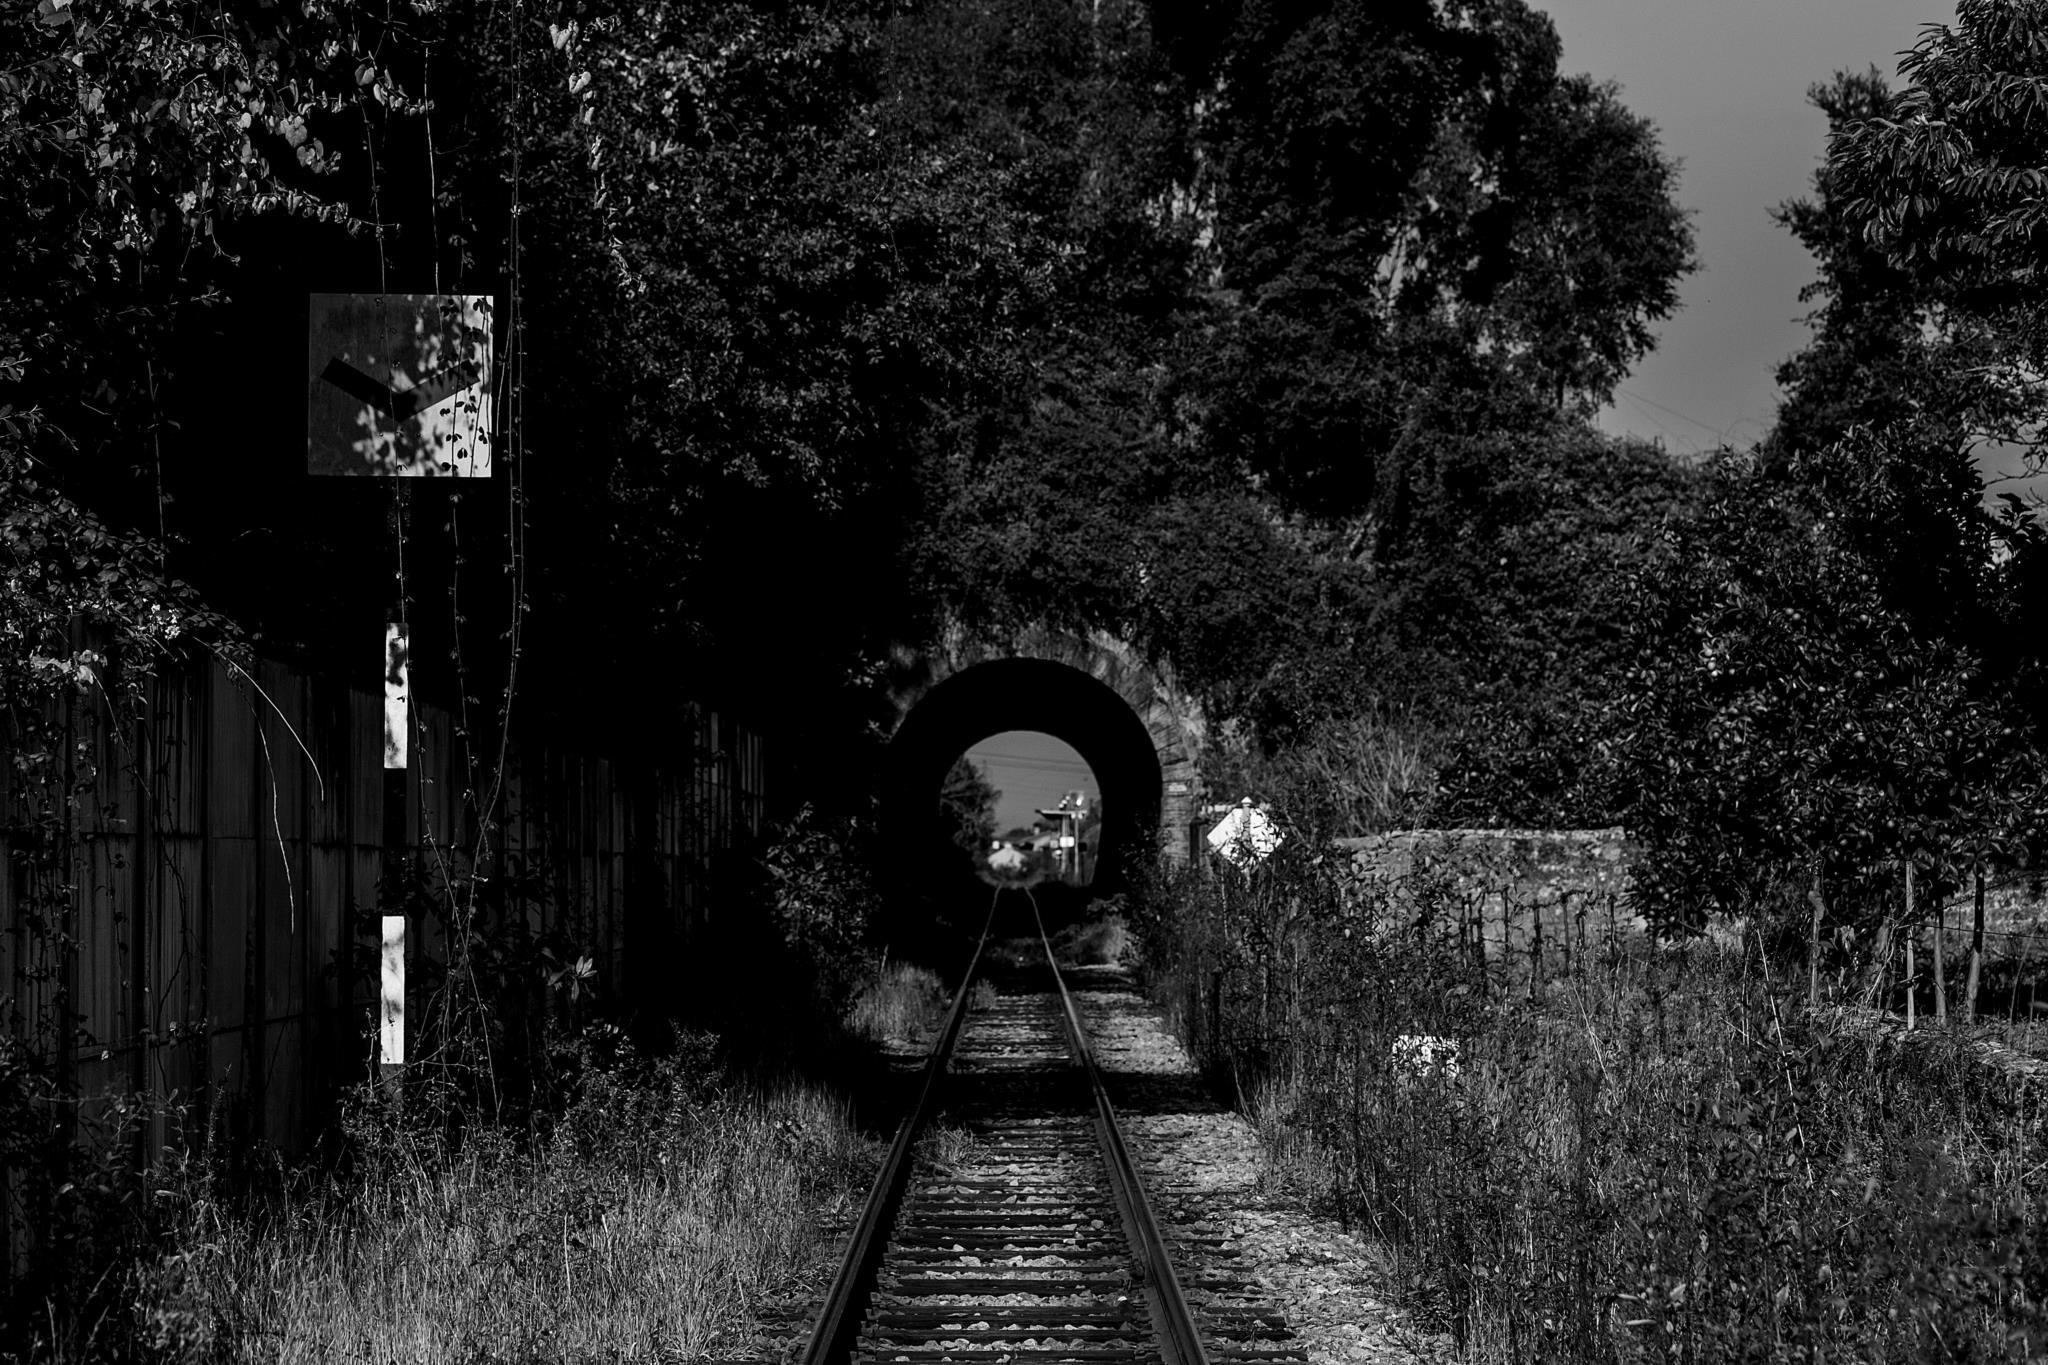 Foram construidos imensos túneis e pontes